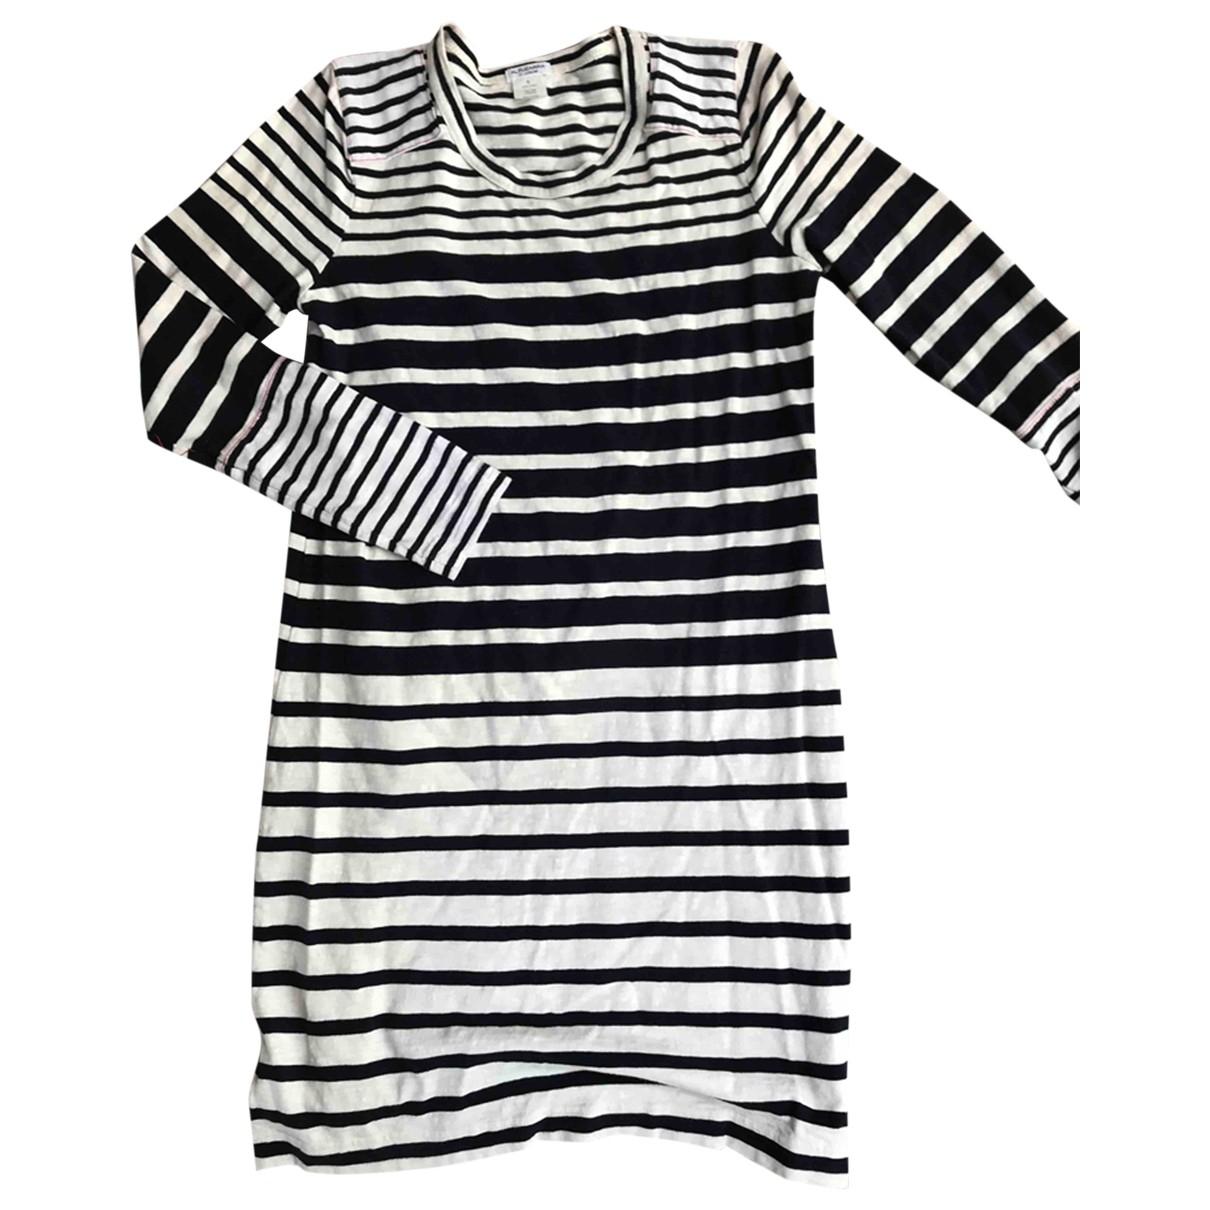 Altuzarra \N White Cotton - elasthane dress for Women S International